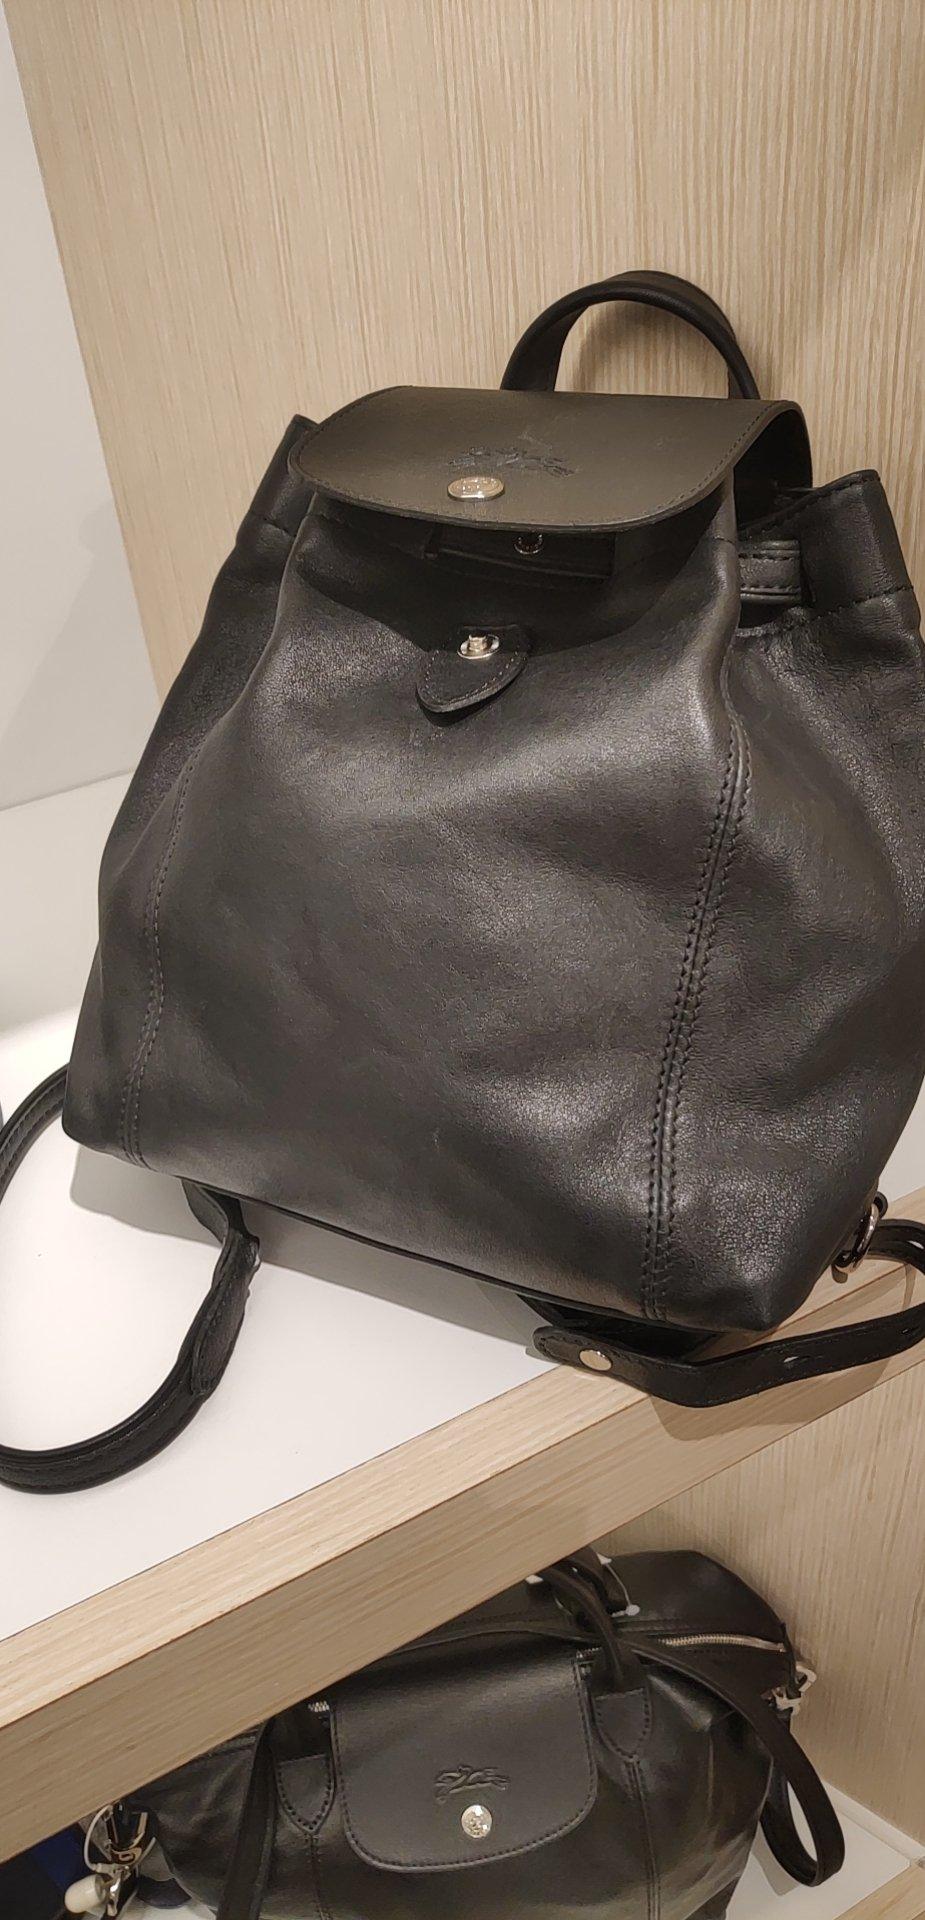 什么时候贫穷小女孩买的包才会属于自己呢